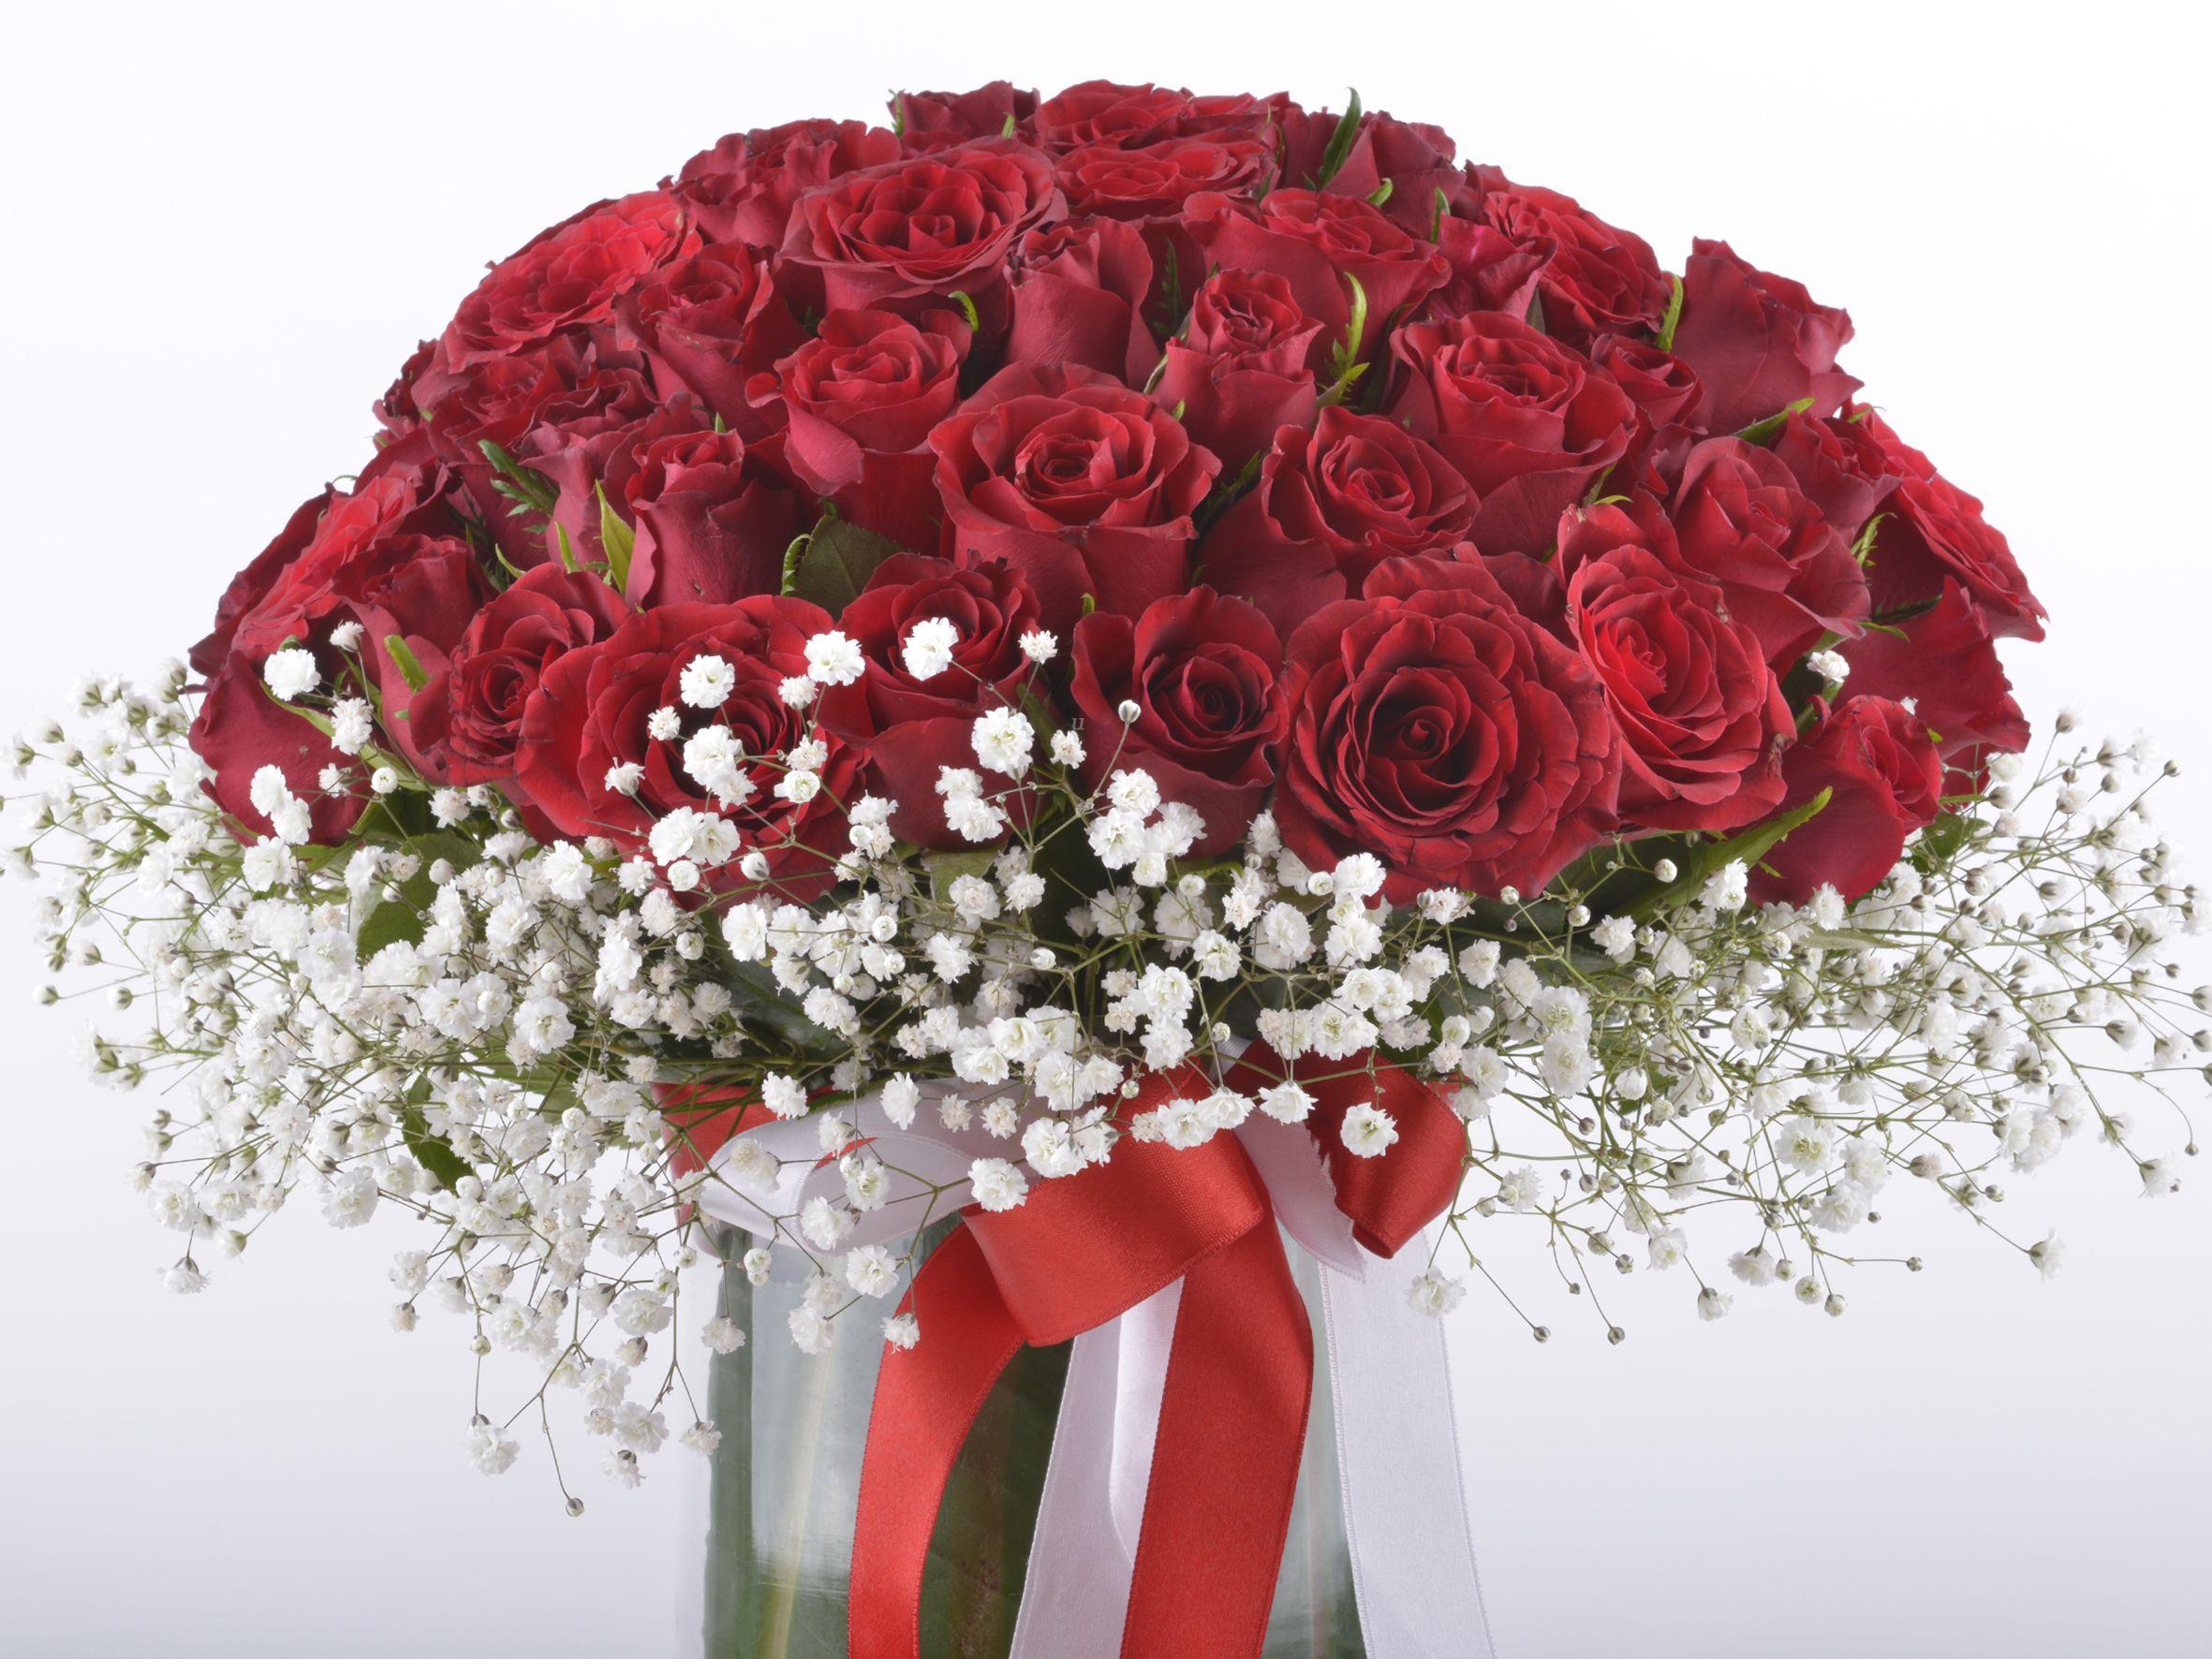 Seni Çok Seviyorum 50 Kırmızı Gül Aranjmanı  Aranjmanlar çiçek gönder